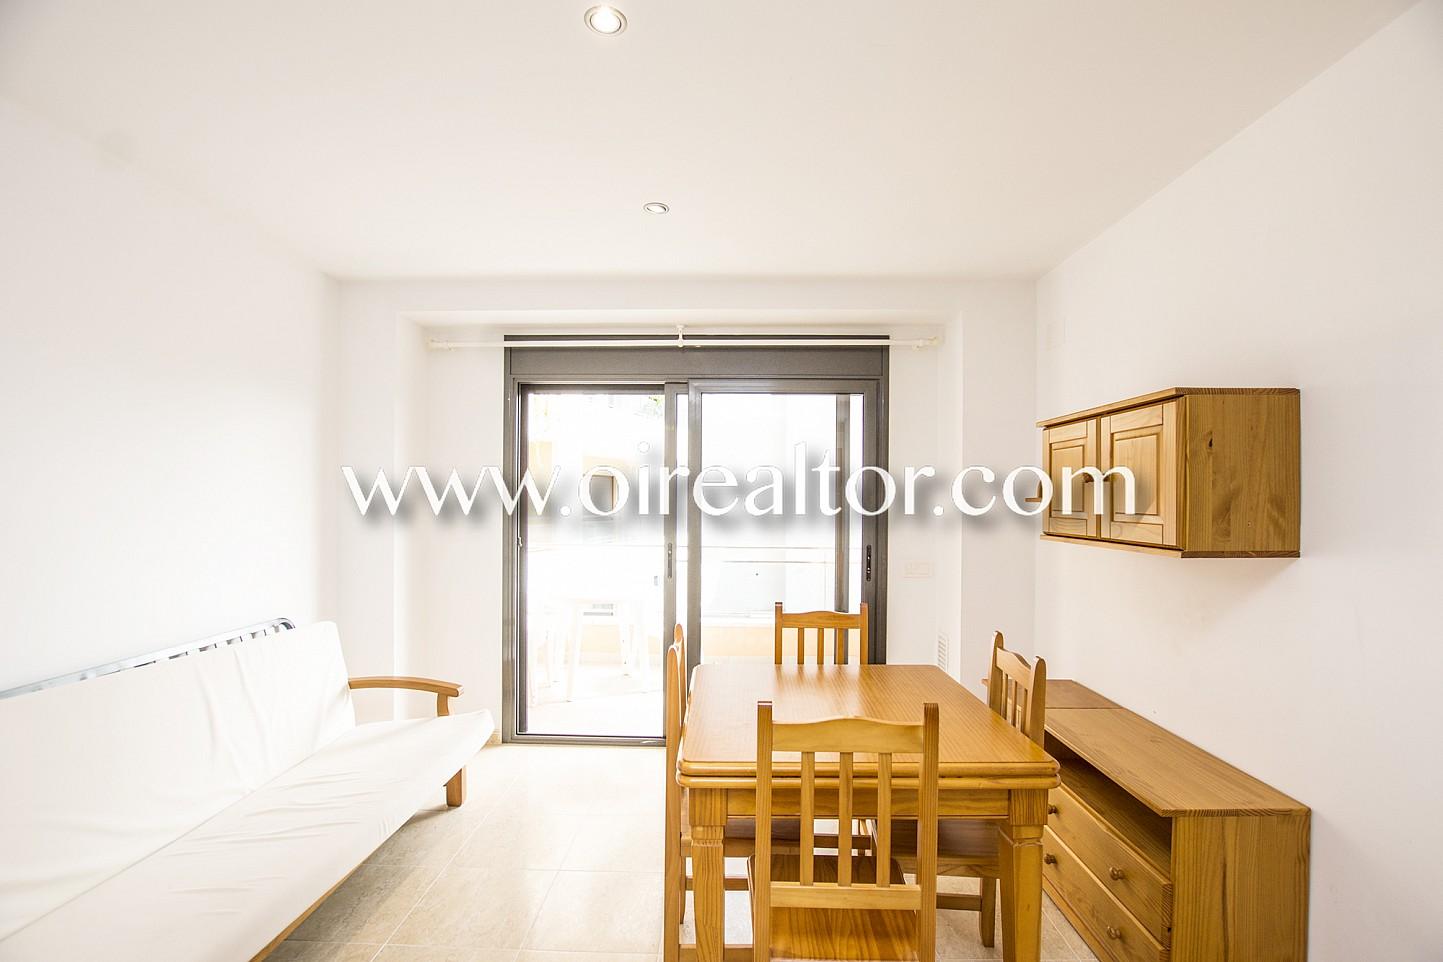 Precioso apartamento con vistas en lloret de mar costa brava oi realtor - Apartamentos en costa brava ...